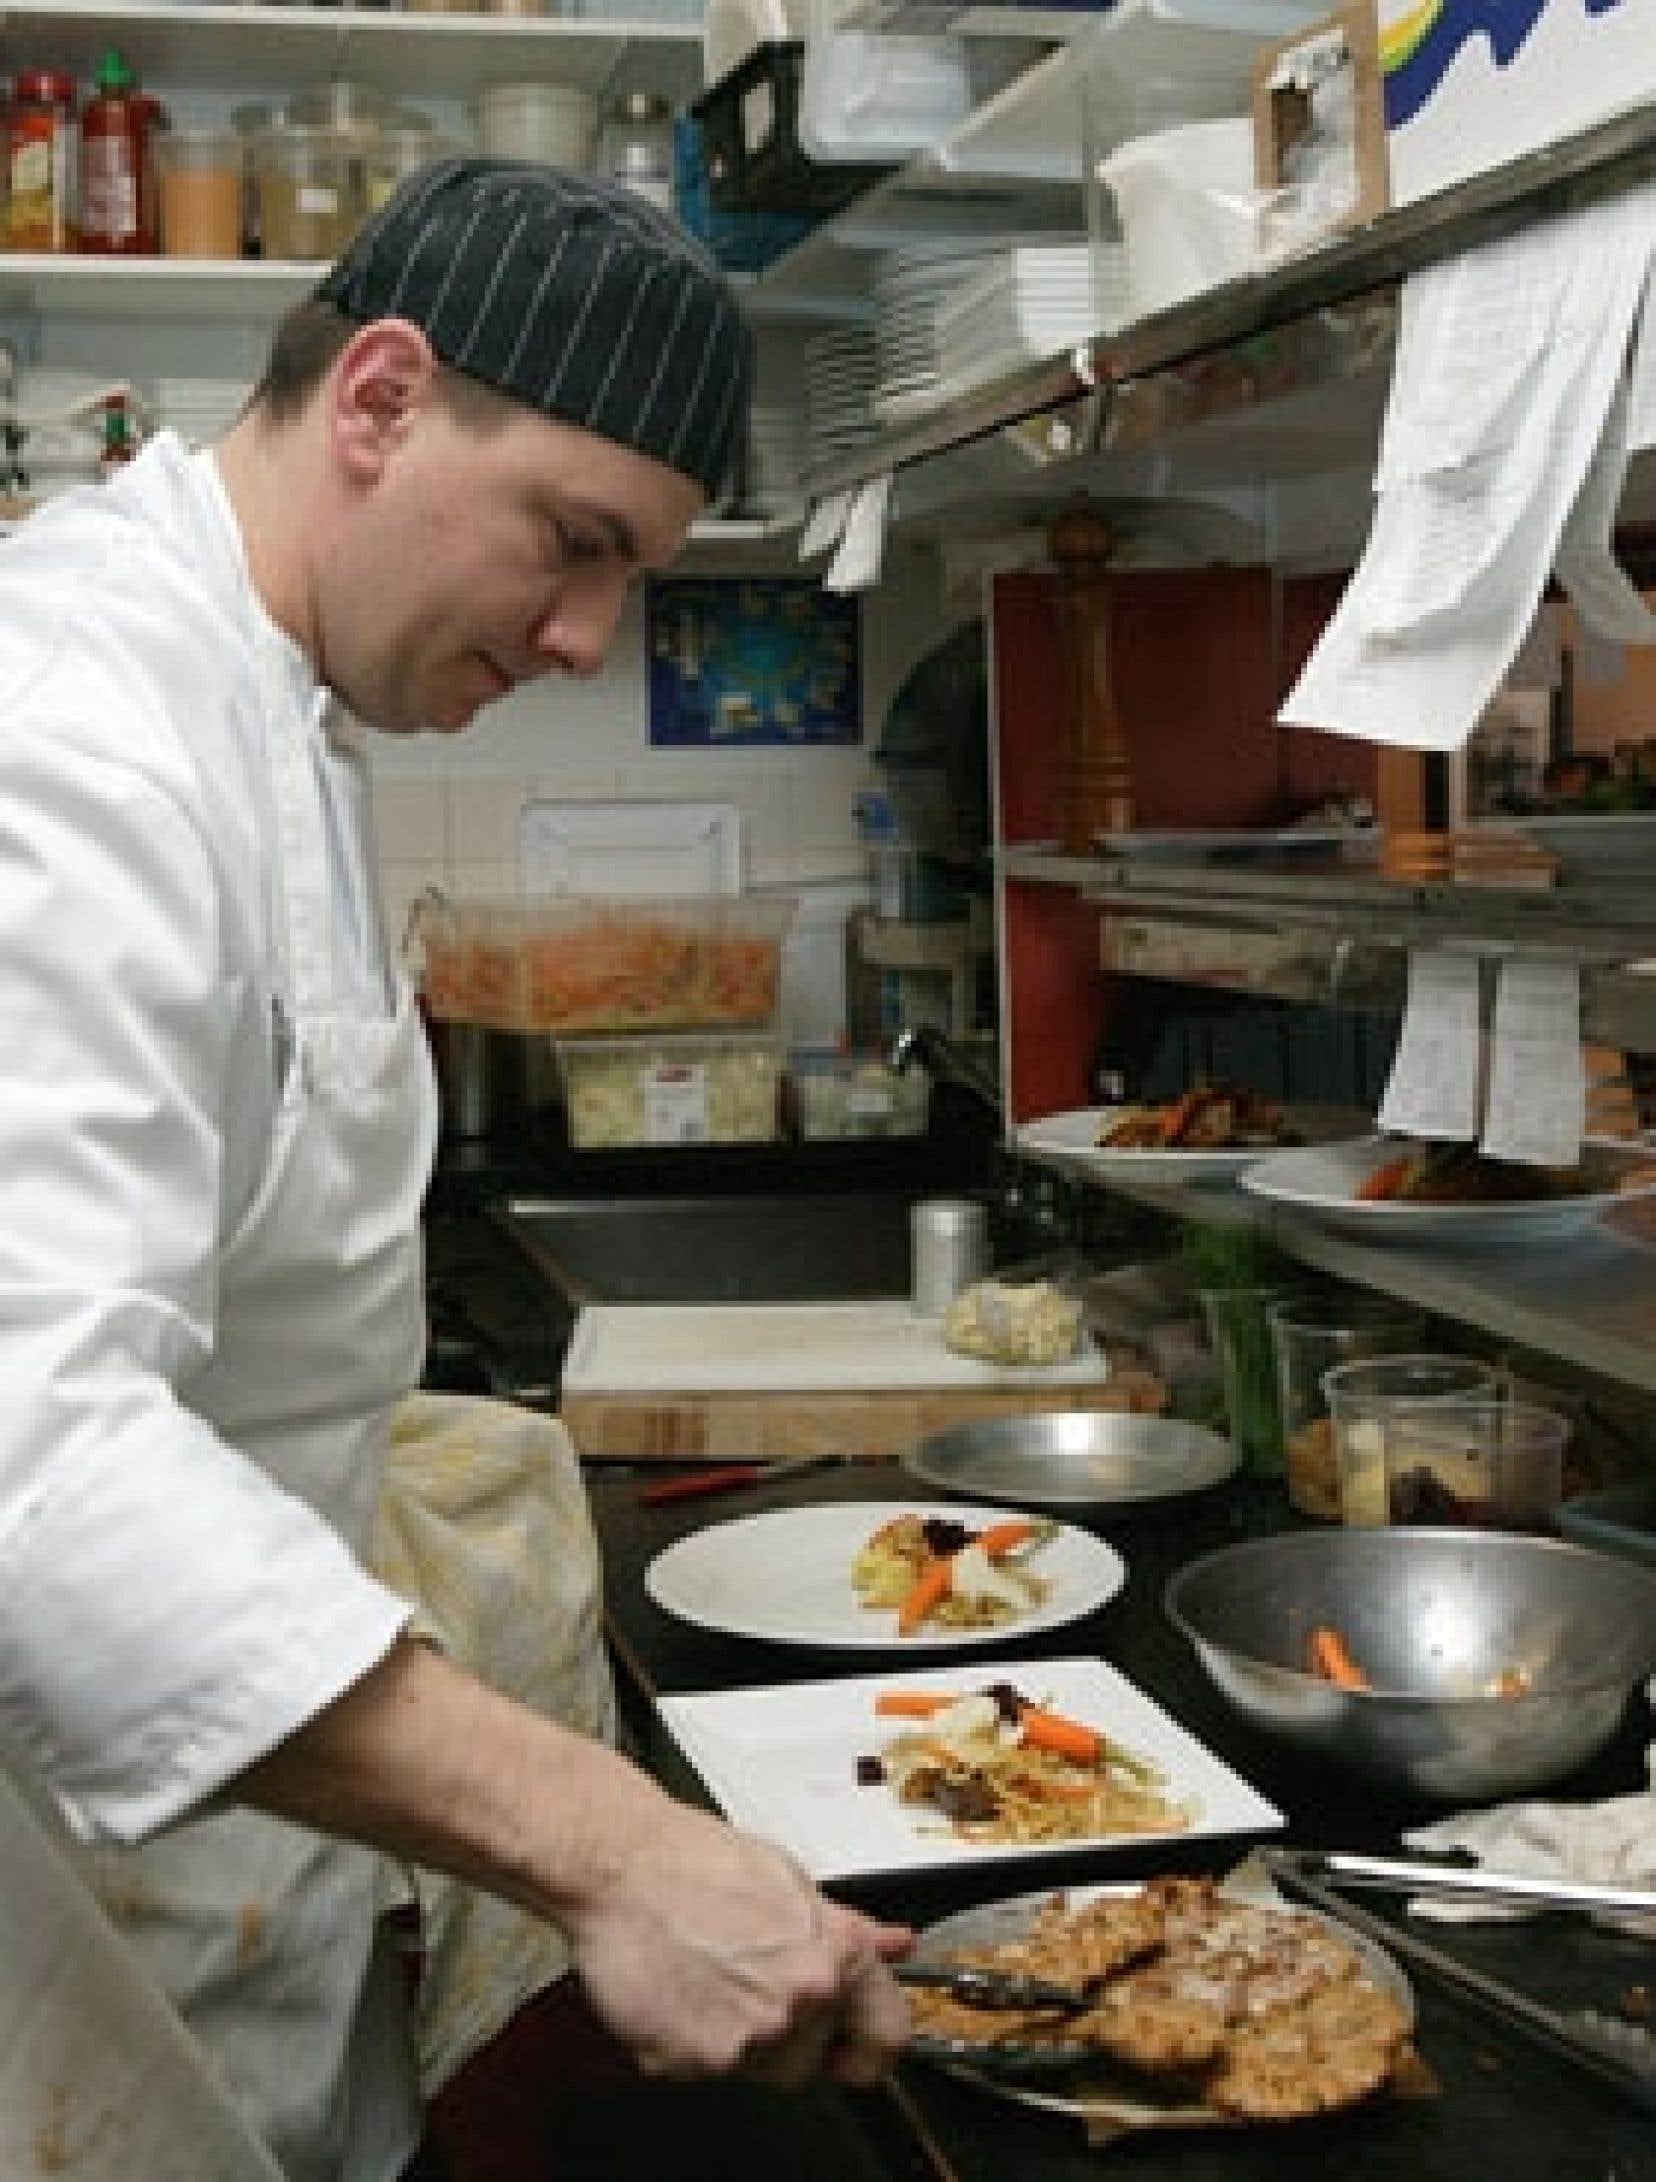 Le chef du restaurant Les Copains gourmands dans le Vieux-Longueuil, Jean-François Hogue.